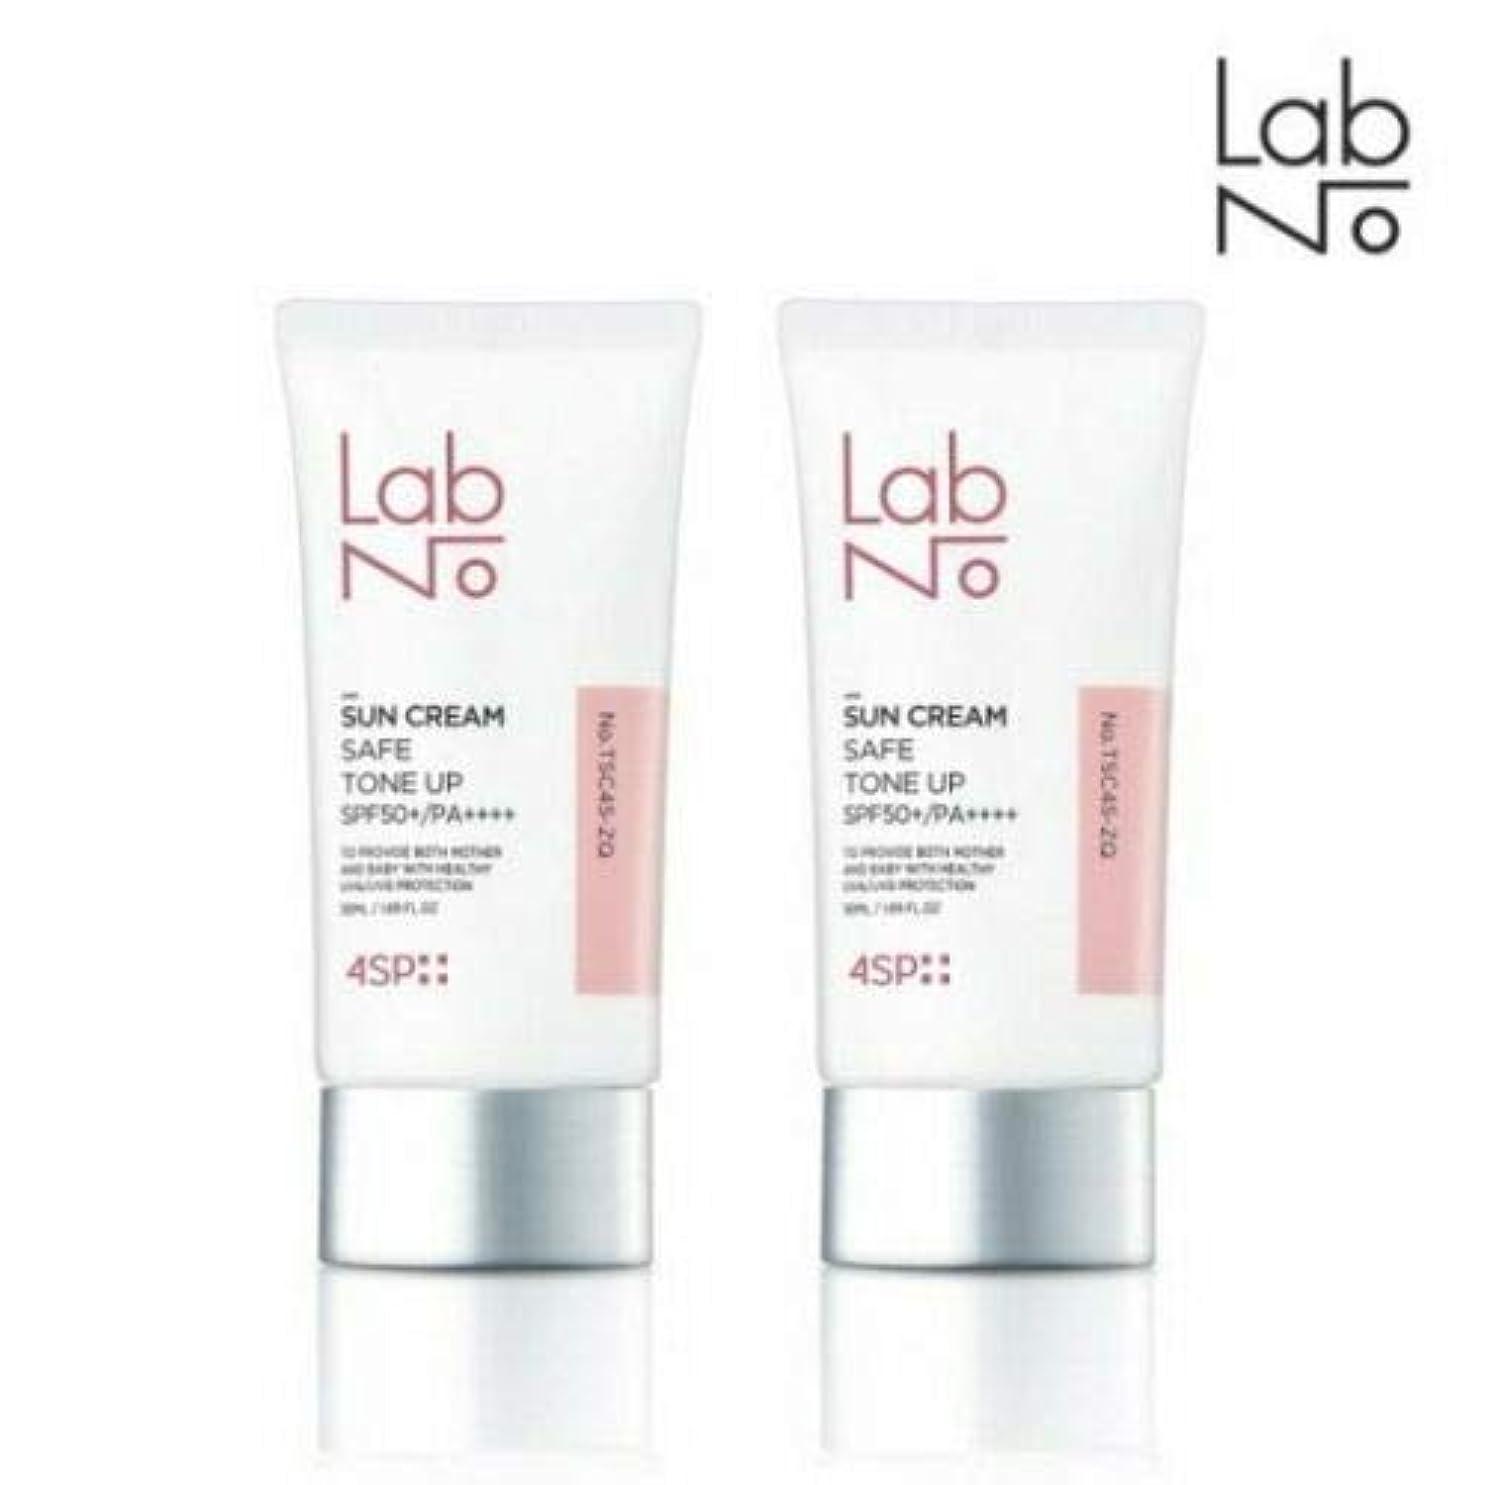 怪物敬意思慮深い[1+1] LABNO セーフ トーンアップ サンクリーム 50ml SPF50+/PA++++ Safe Tone Up Sun Block Cream